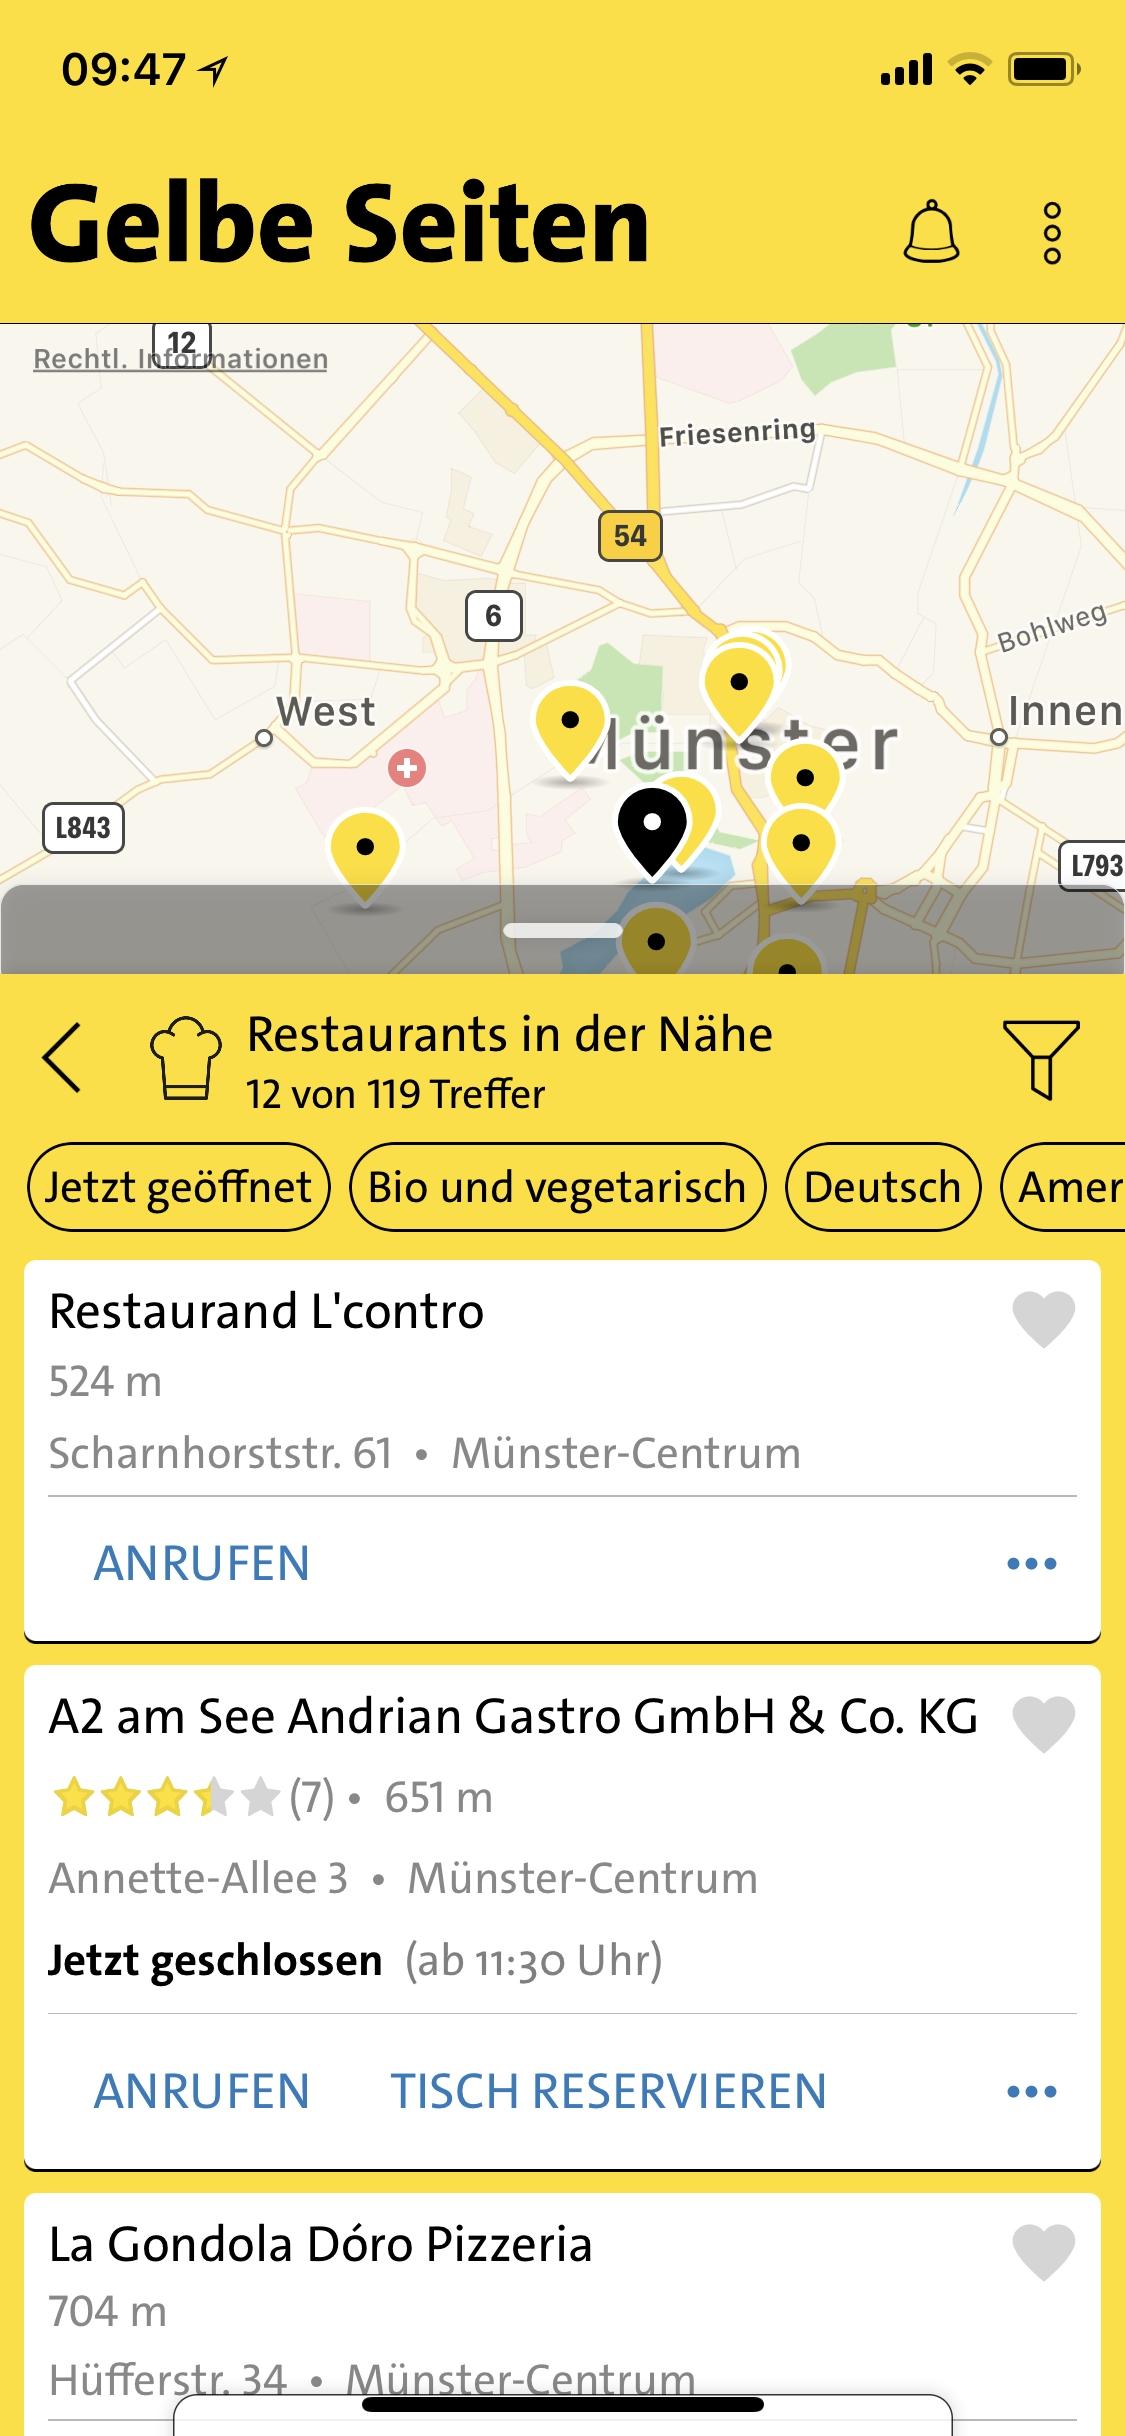 Nie wieder ratlos: Die überarbeitete App von Gelbe Seiten liefert schnell beste Suchergebnisse